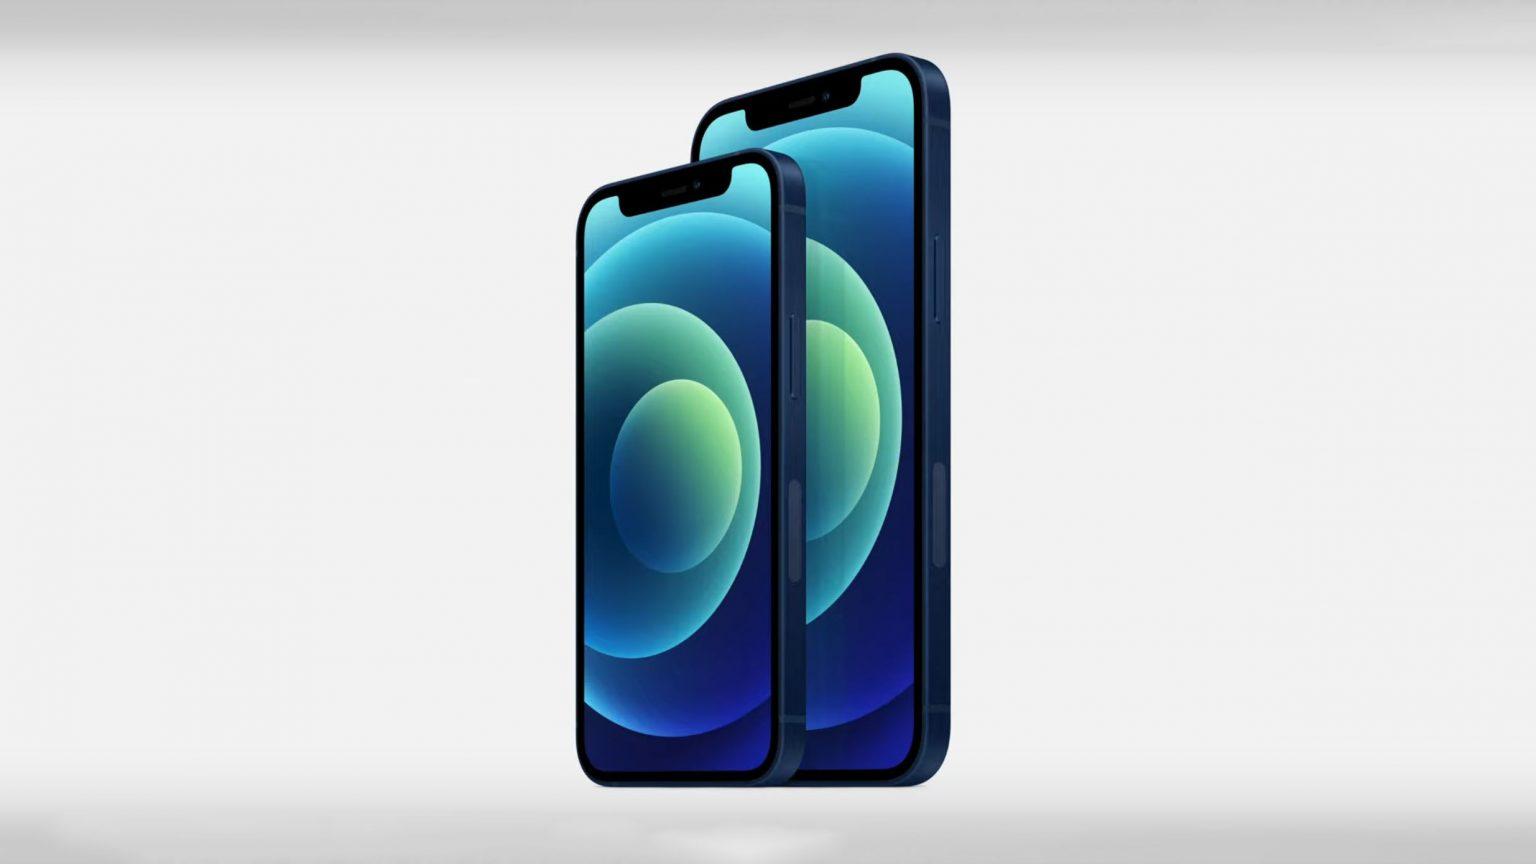 苹果手机的电池容量向来备受瞩目!-图摘自Soya Cincau-